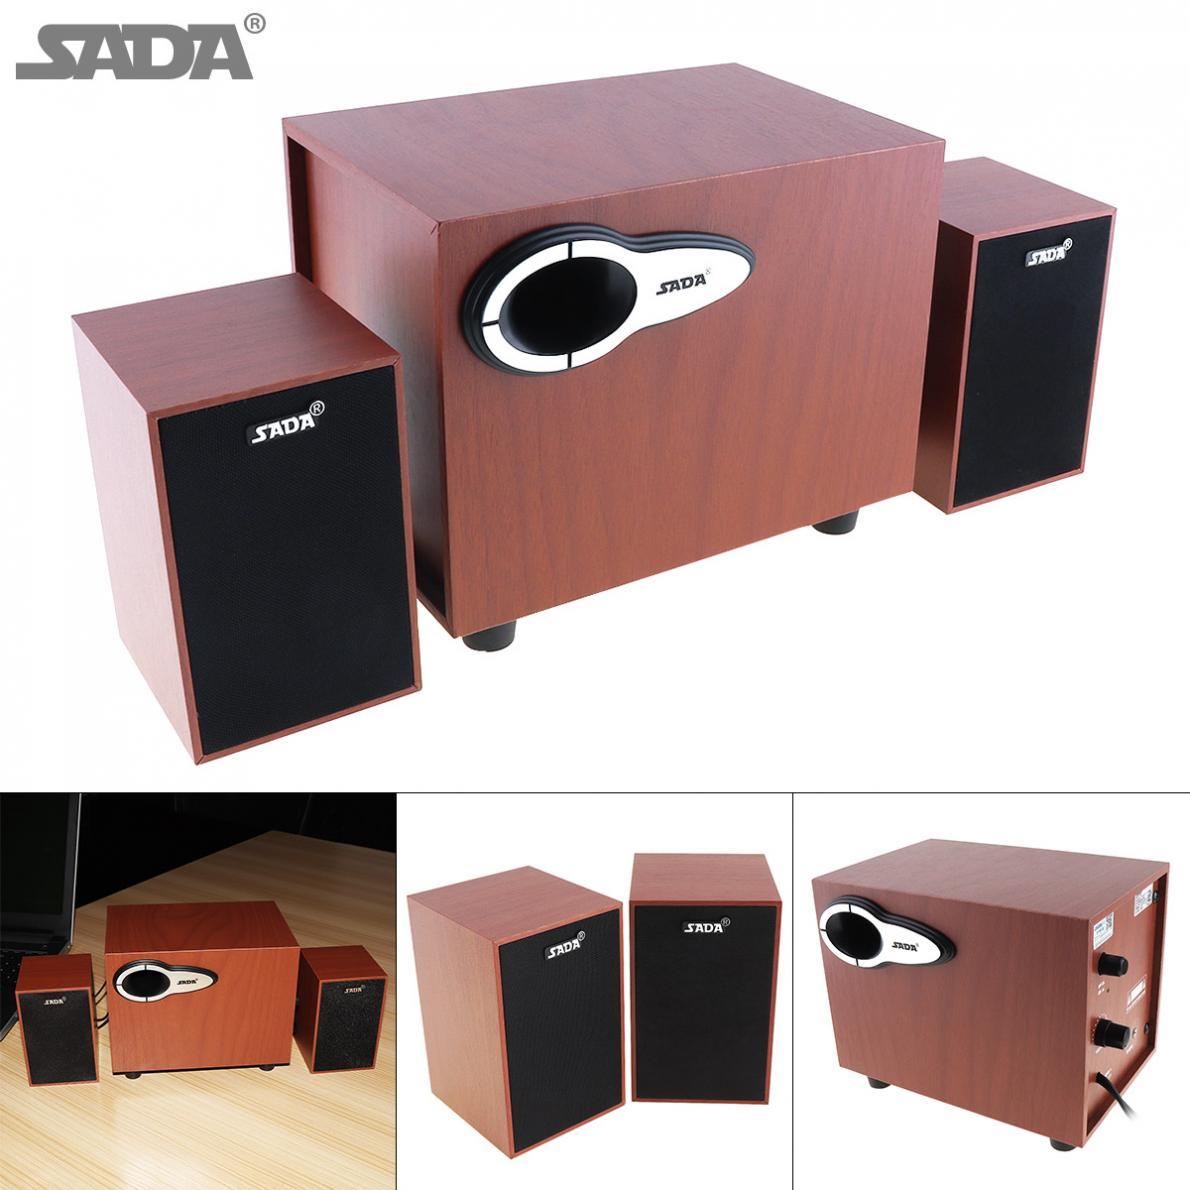 100% QualitäT Sada Mini Holz Bluetooth Subwoofer Kombination Computer Lautsprecher Mit 3,5mm Audio Stecker Und Usb 2.1 Power Wired Für Desktop Pc